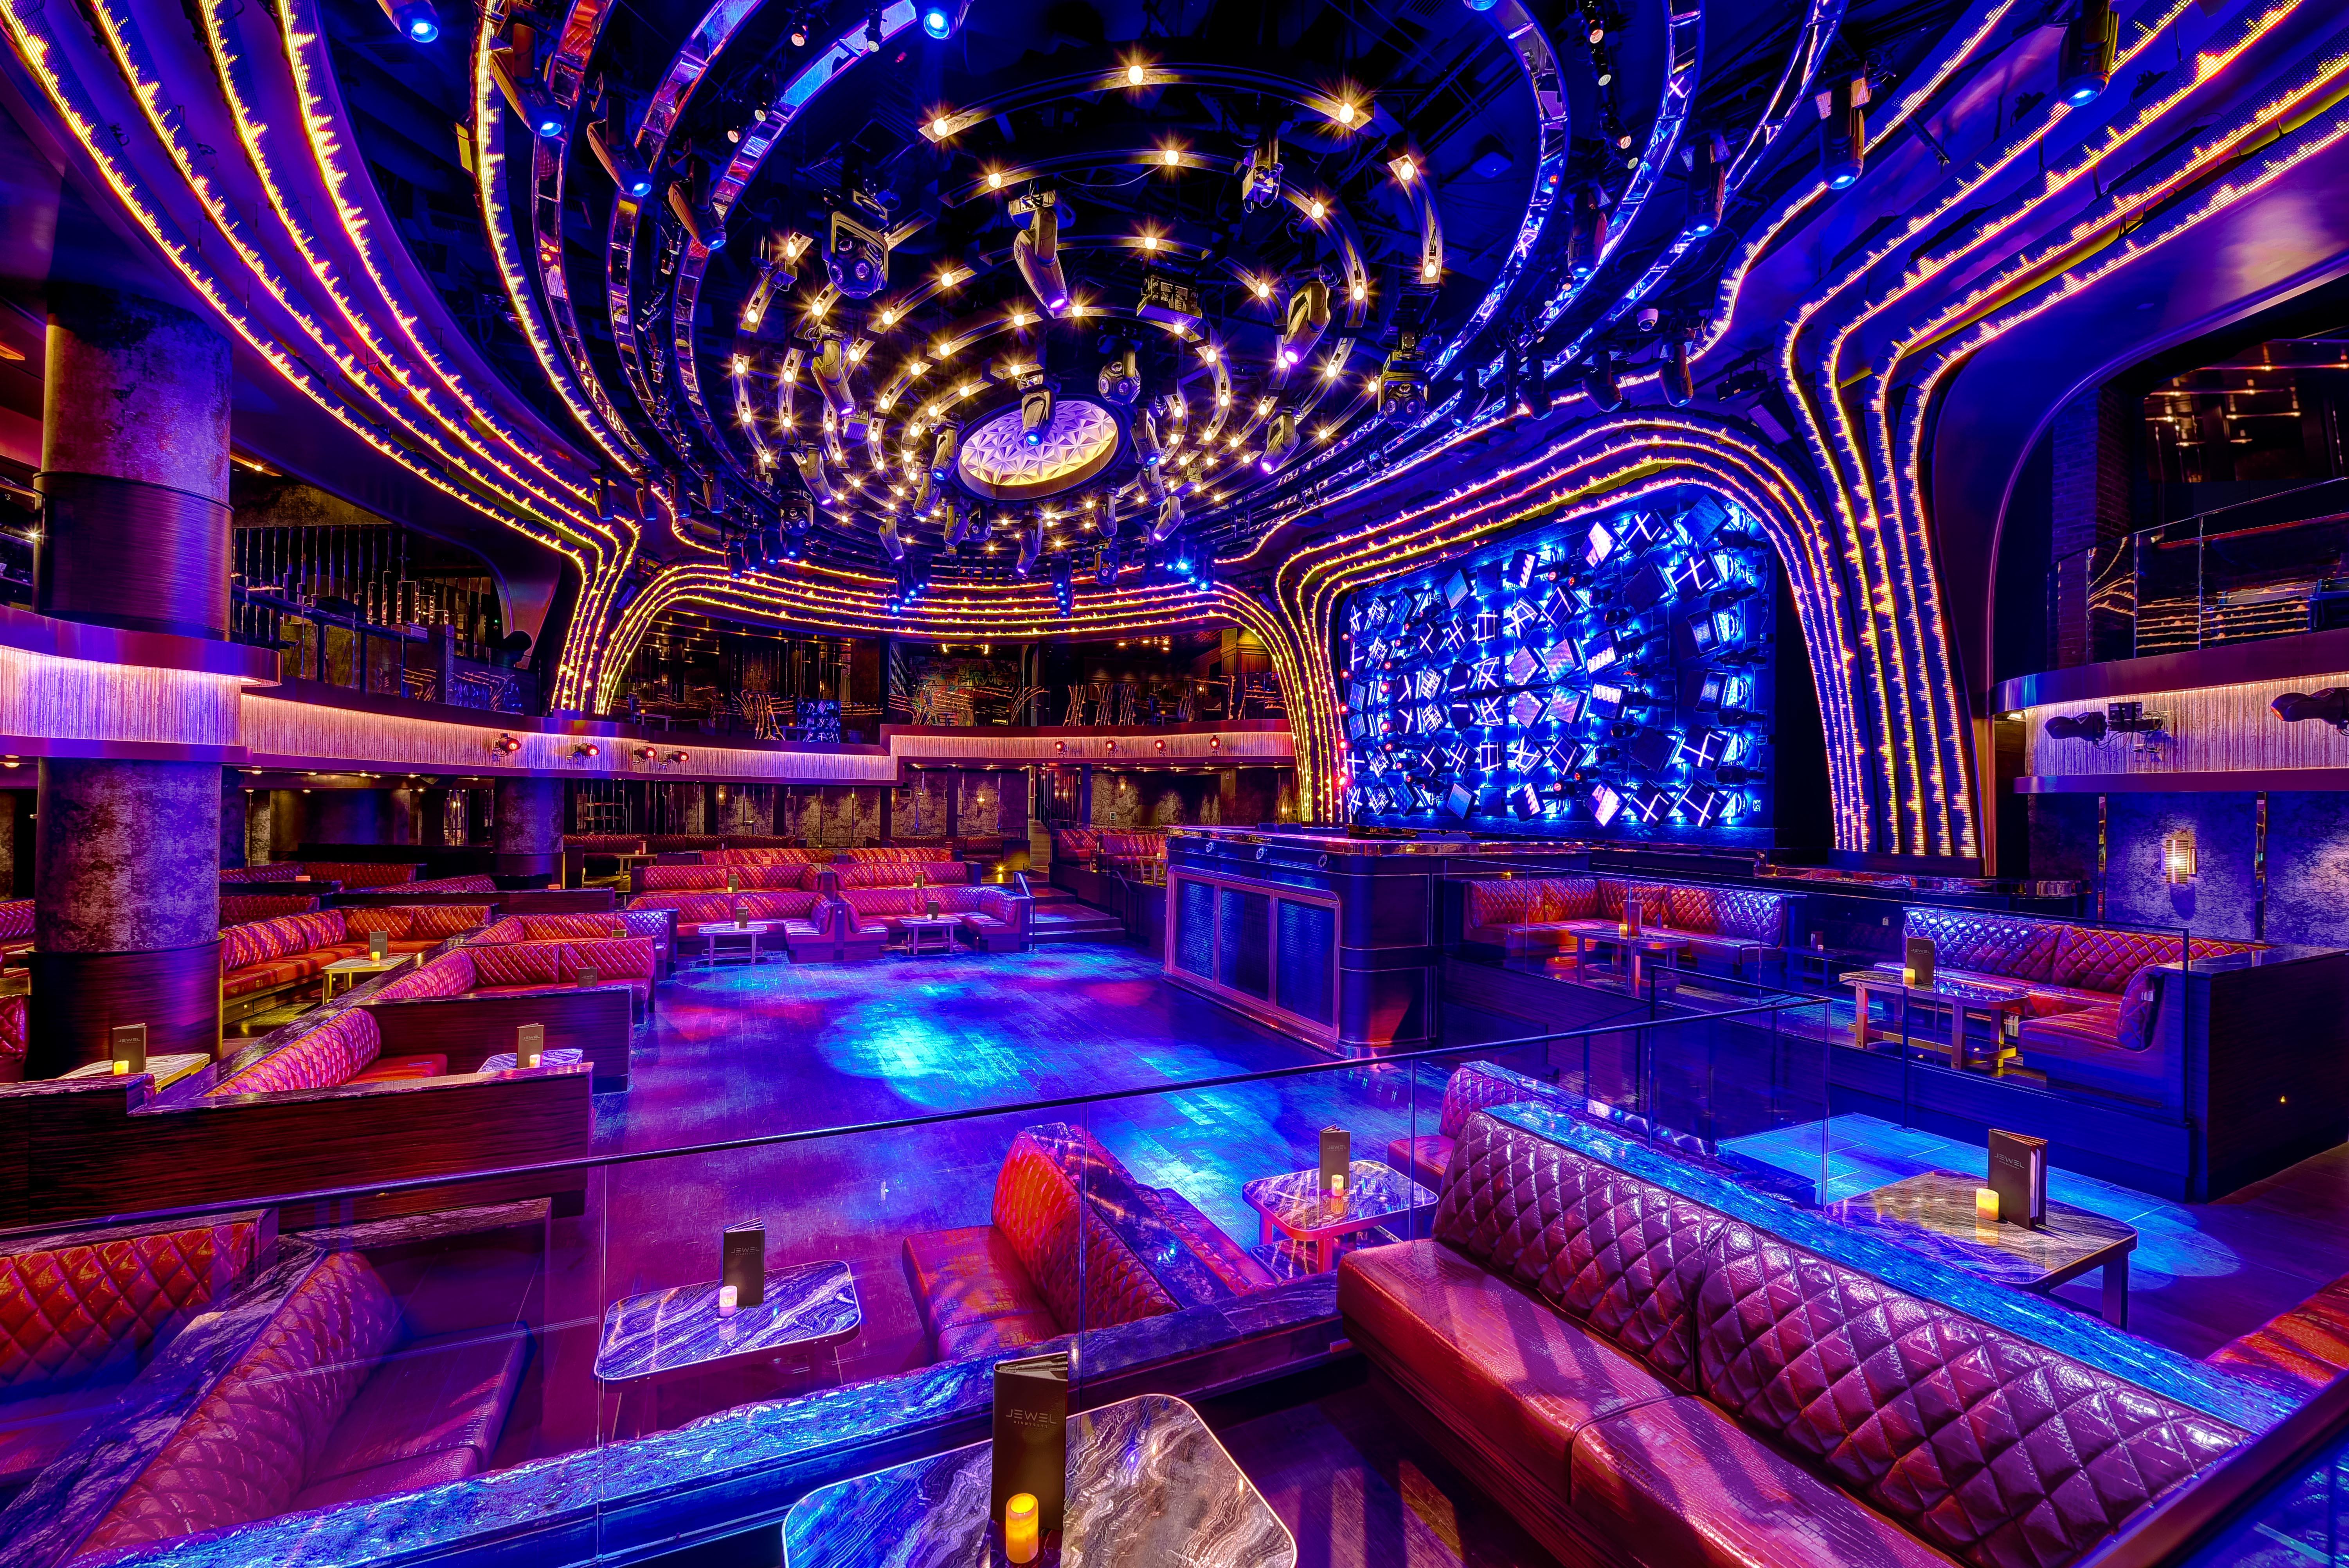 Las vegas usa the latest addition to the hakkasan group jewel nightclub inside aria resort casino has raised the las vegas entertainment bar once